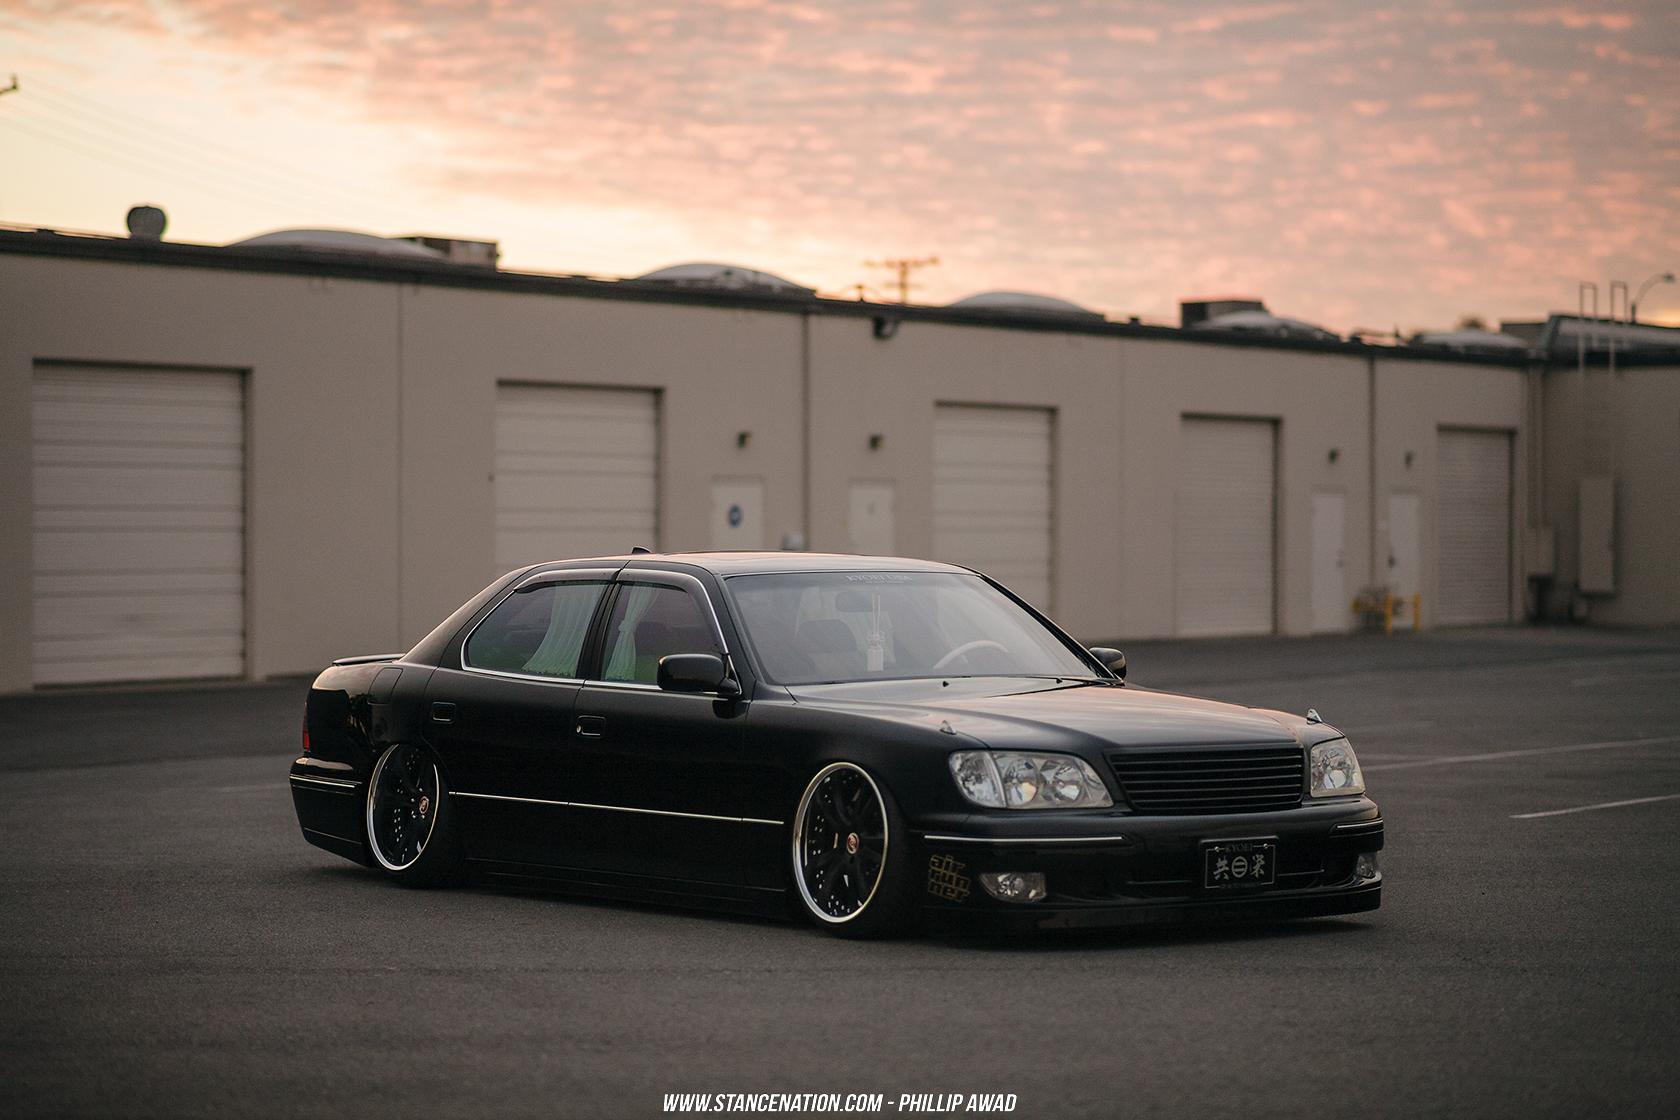 Kyoei Usa Jin S Pristine Lexus Ls400 Stancenation